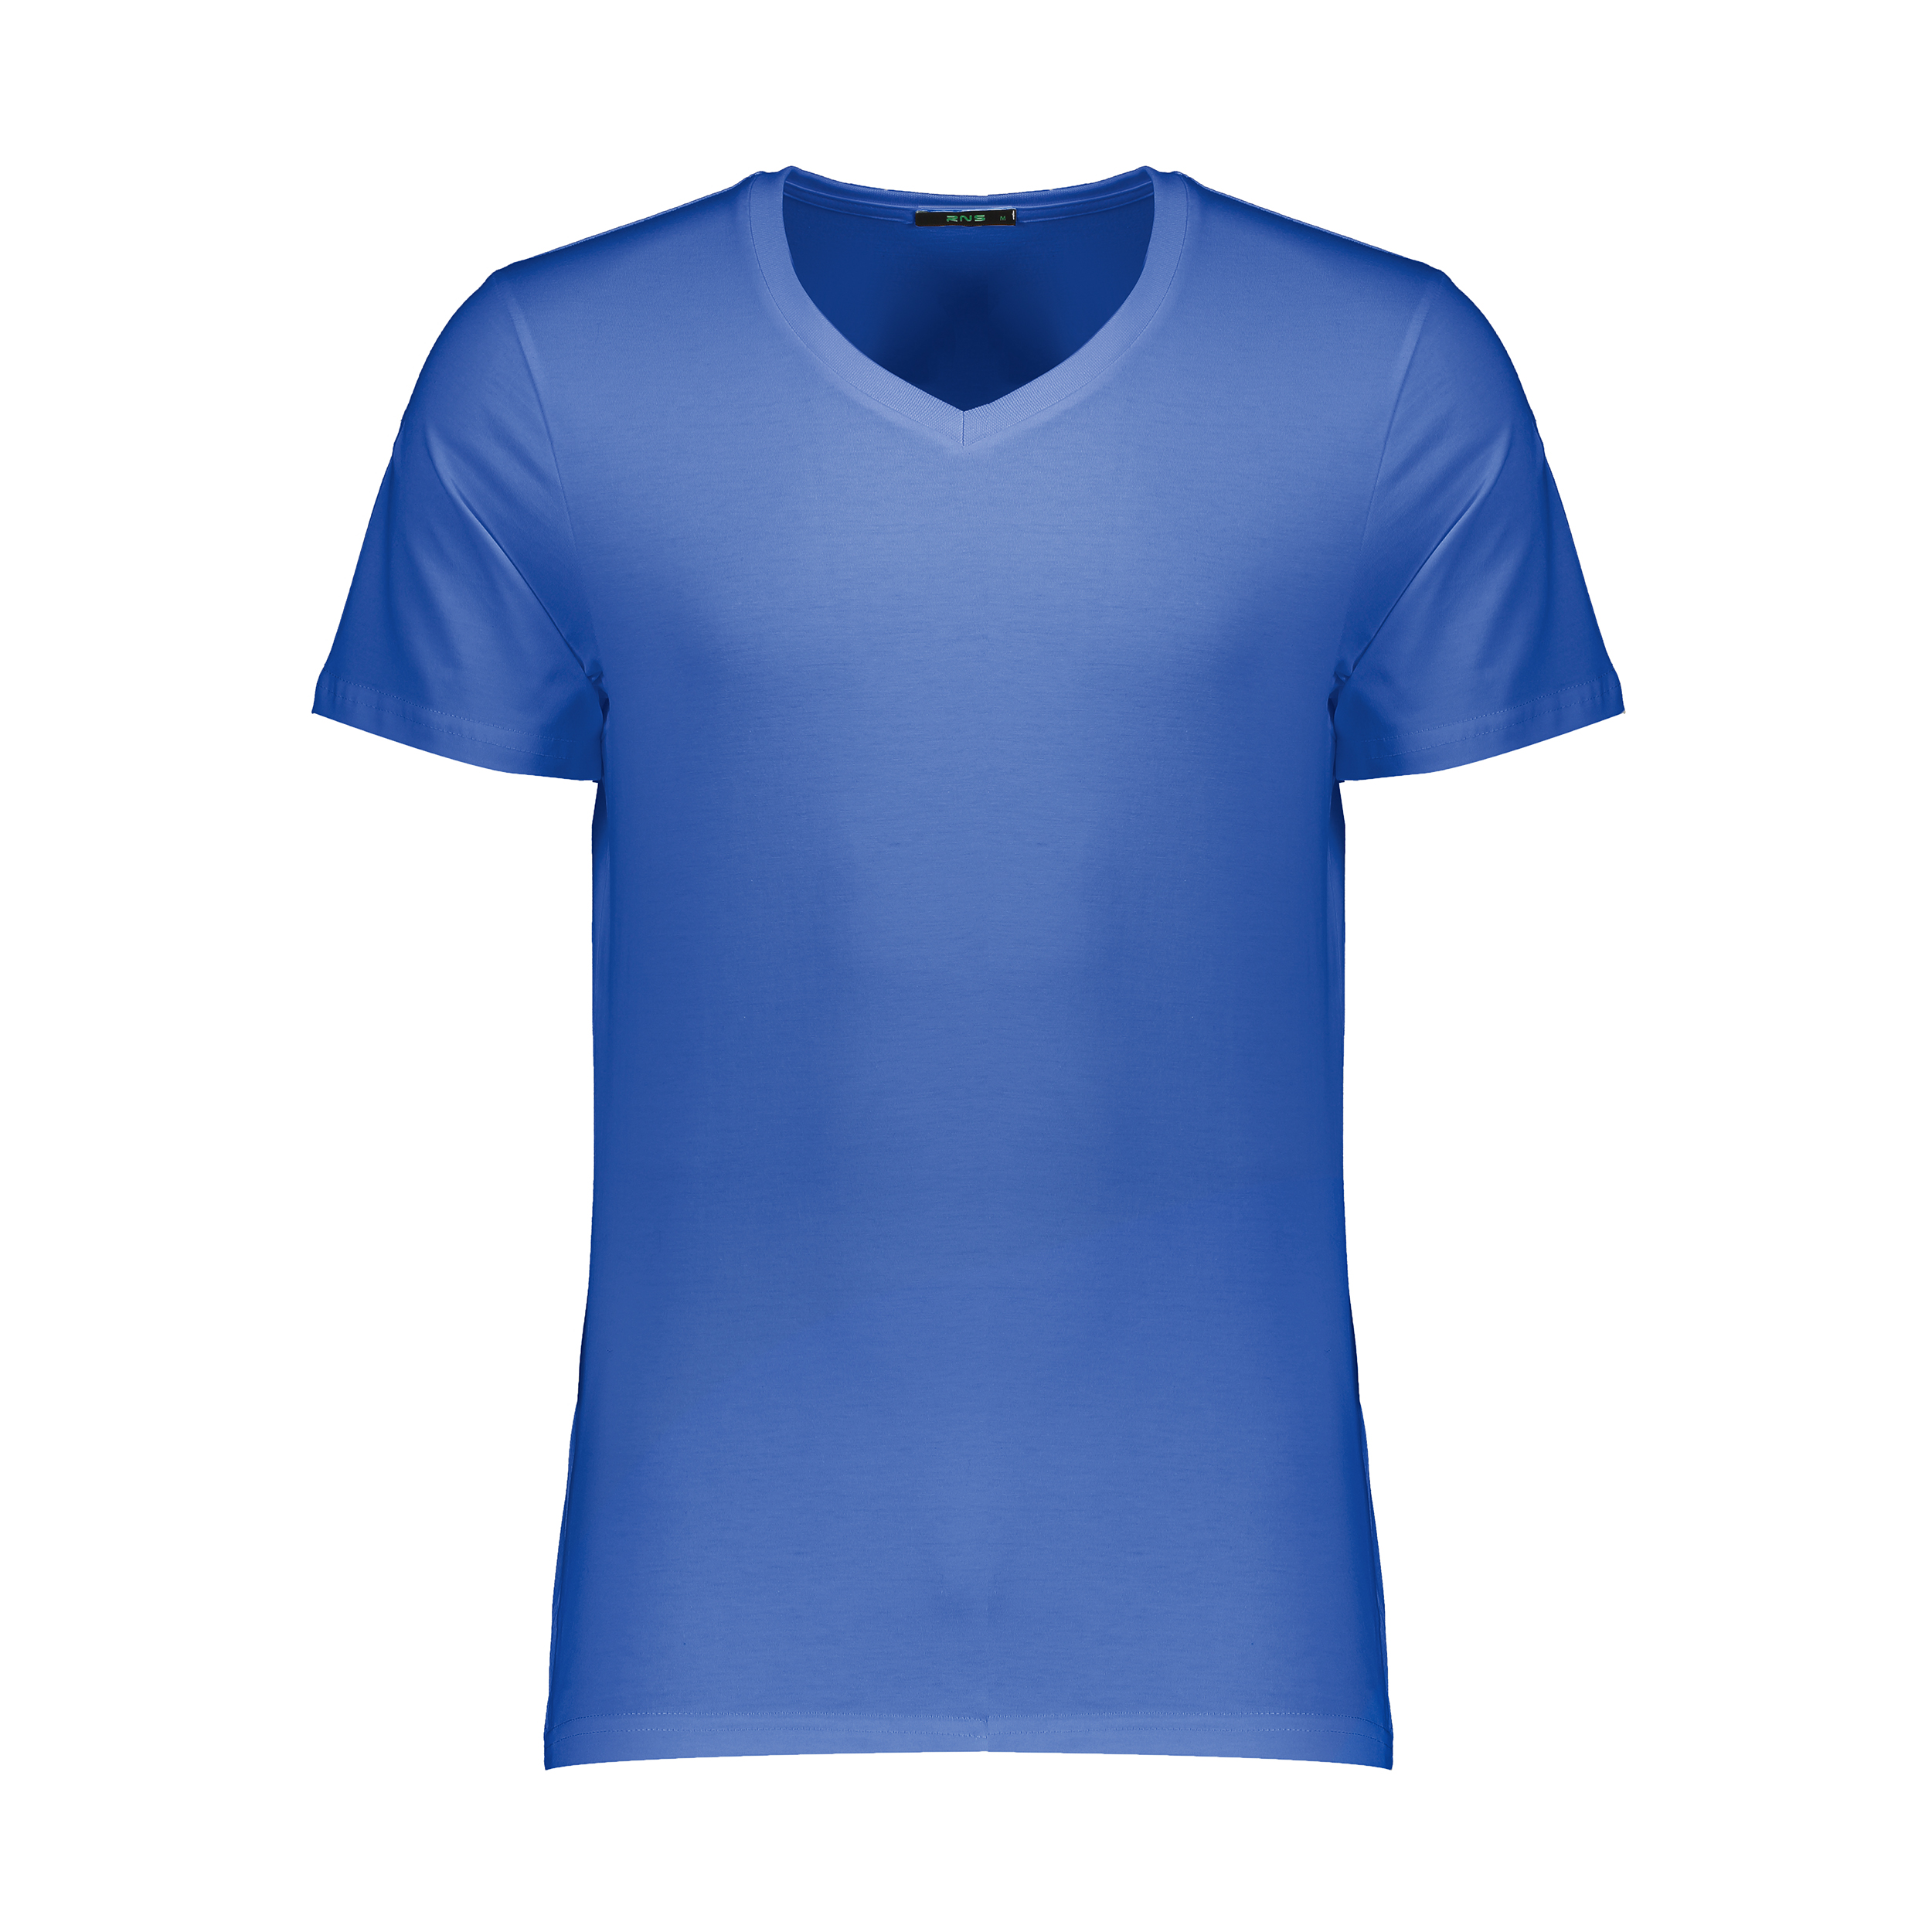 تی شرت مردانه آر ان اس مدل 2131014-58